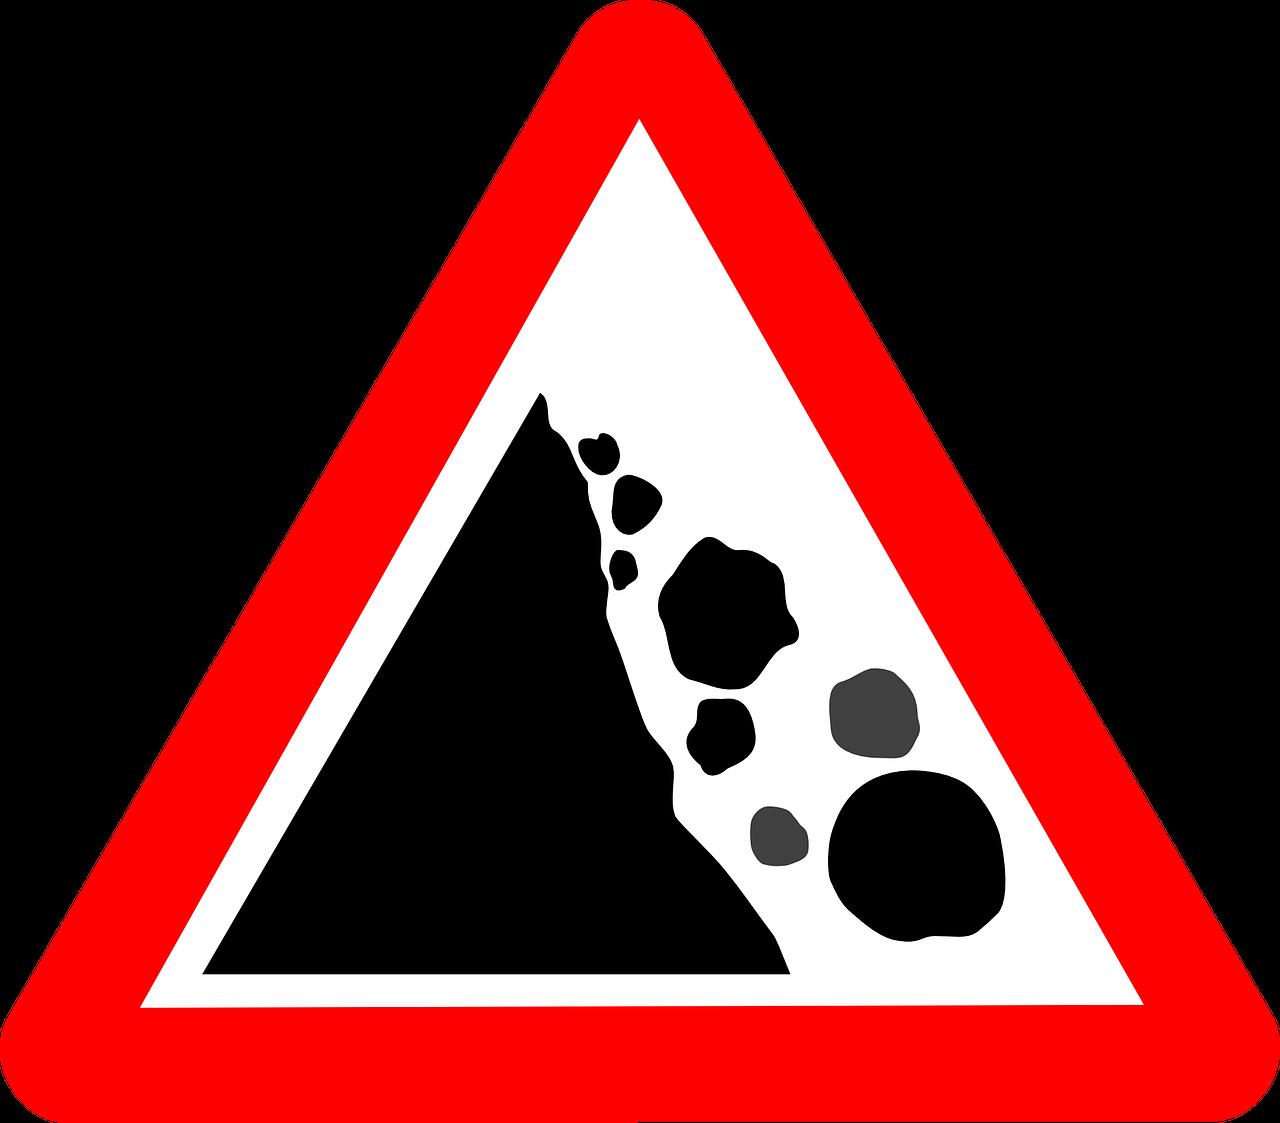 rockslide carte geologiche frane